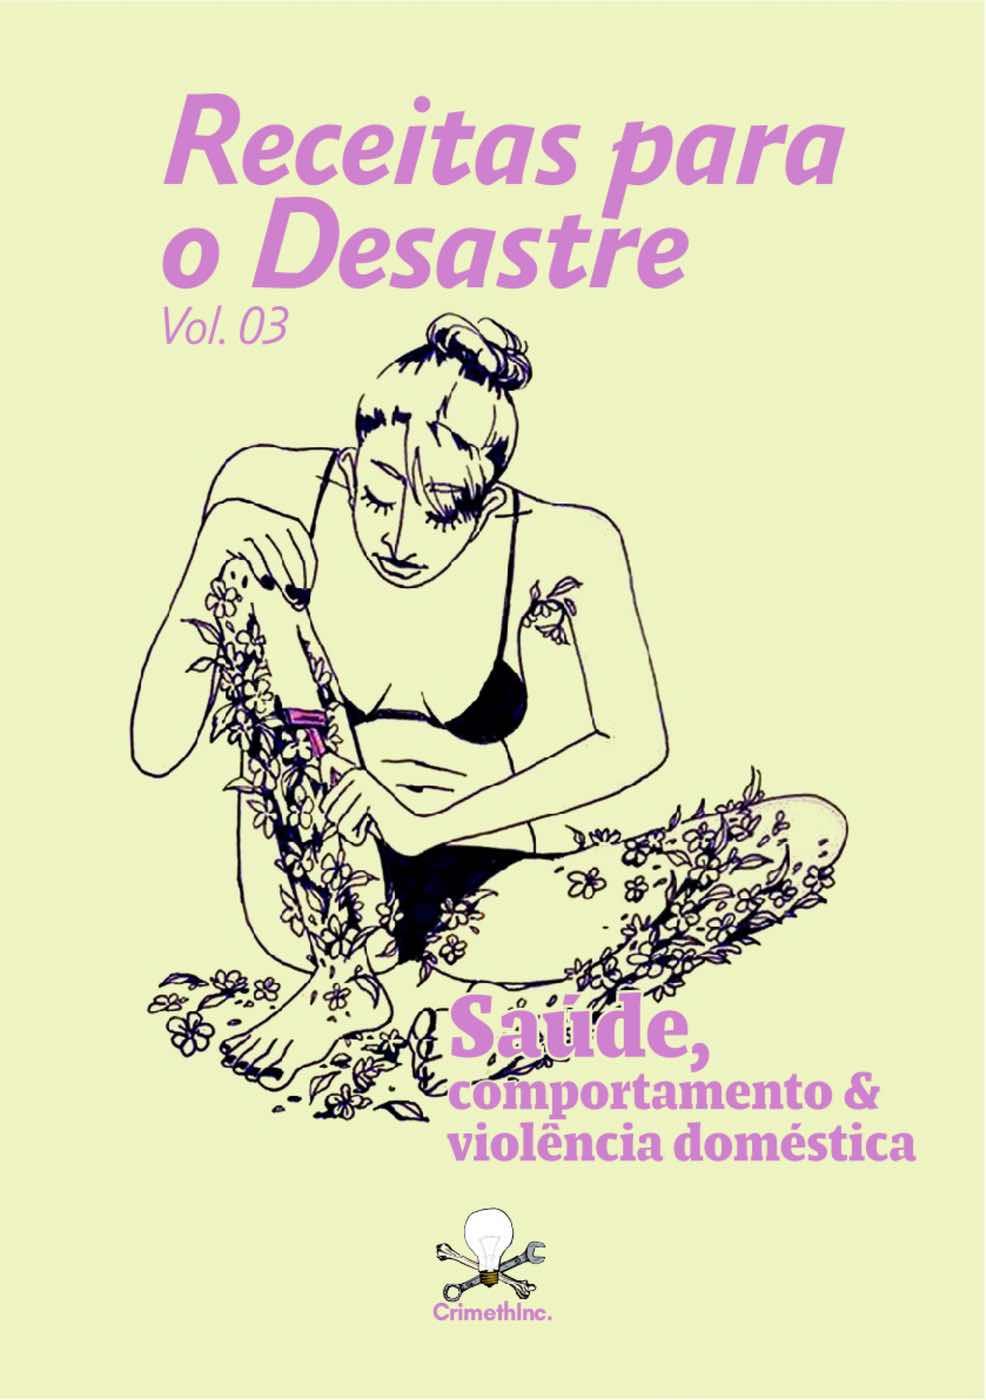 Photo of 'Receitas para o Desastre Vol. 03 (Portugues Brasileiro)' front cover